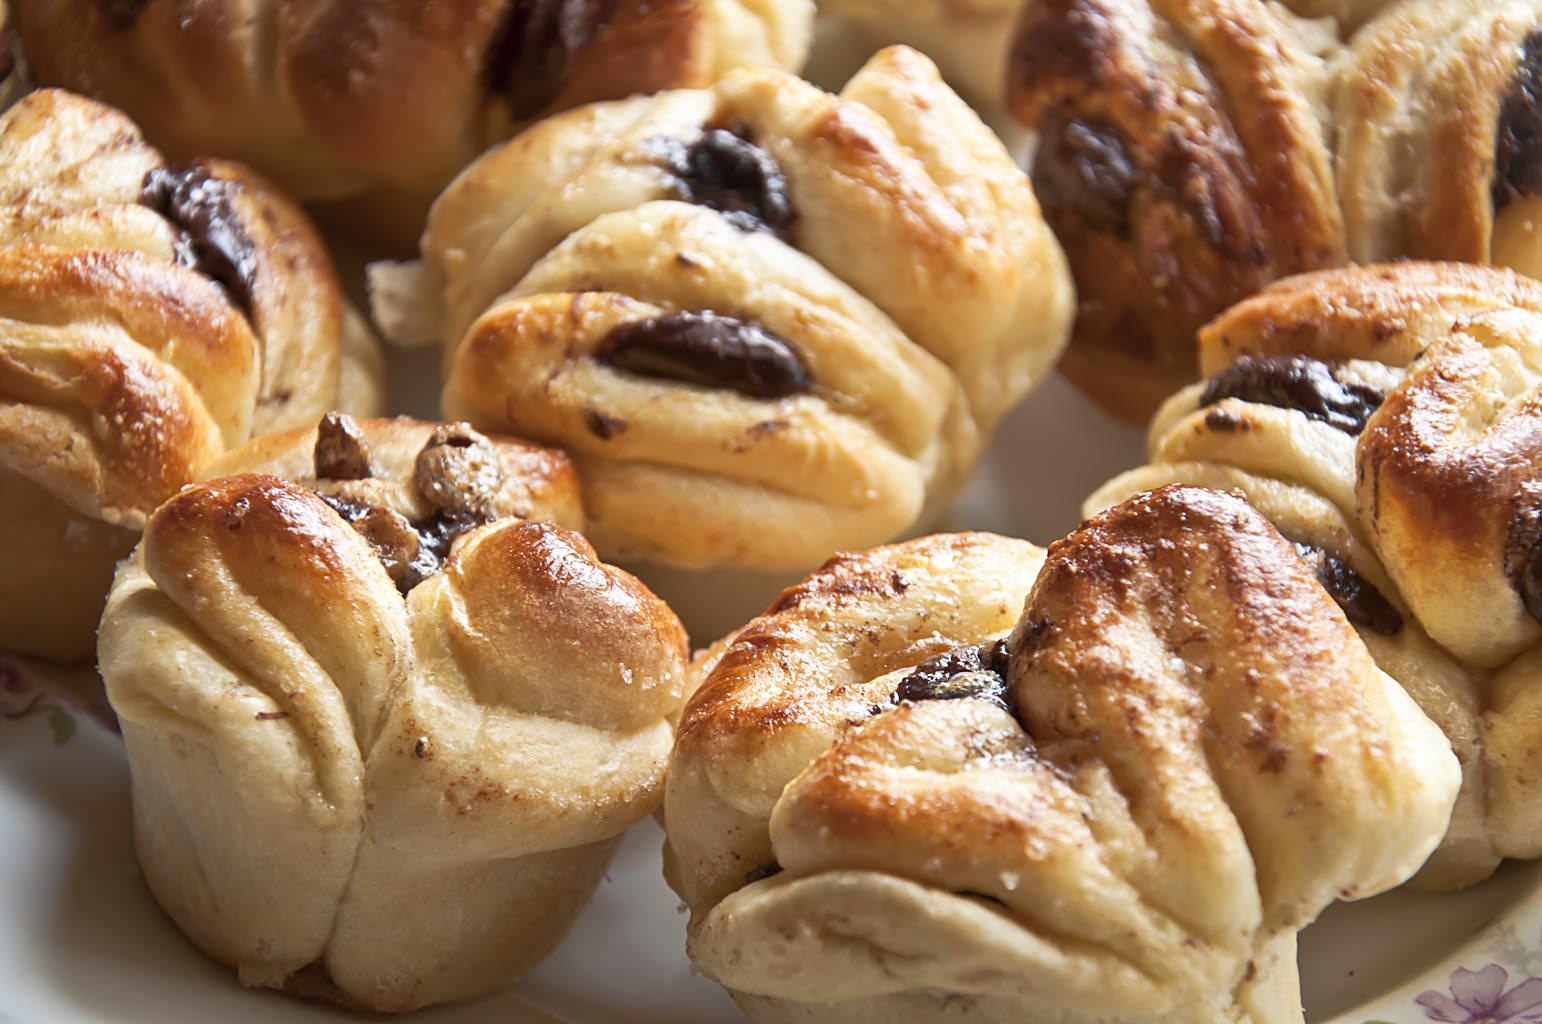 В готовых булочках вкус фасоли вообще не чувствуется, просто получаются очень пышные и нежные булочки